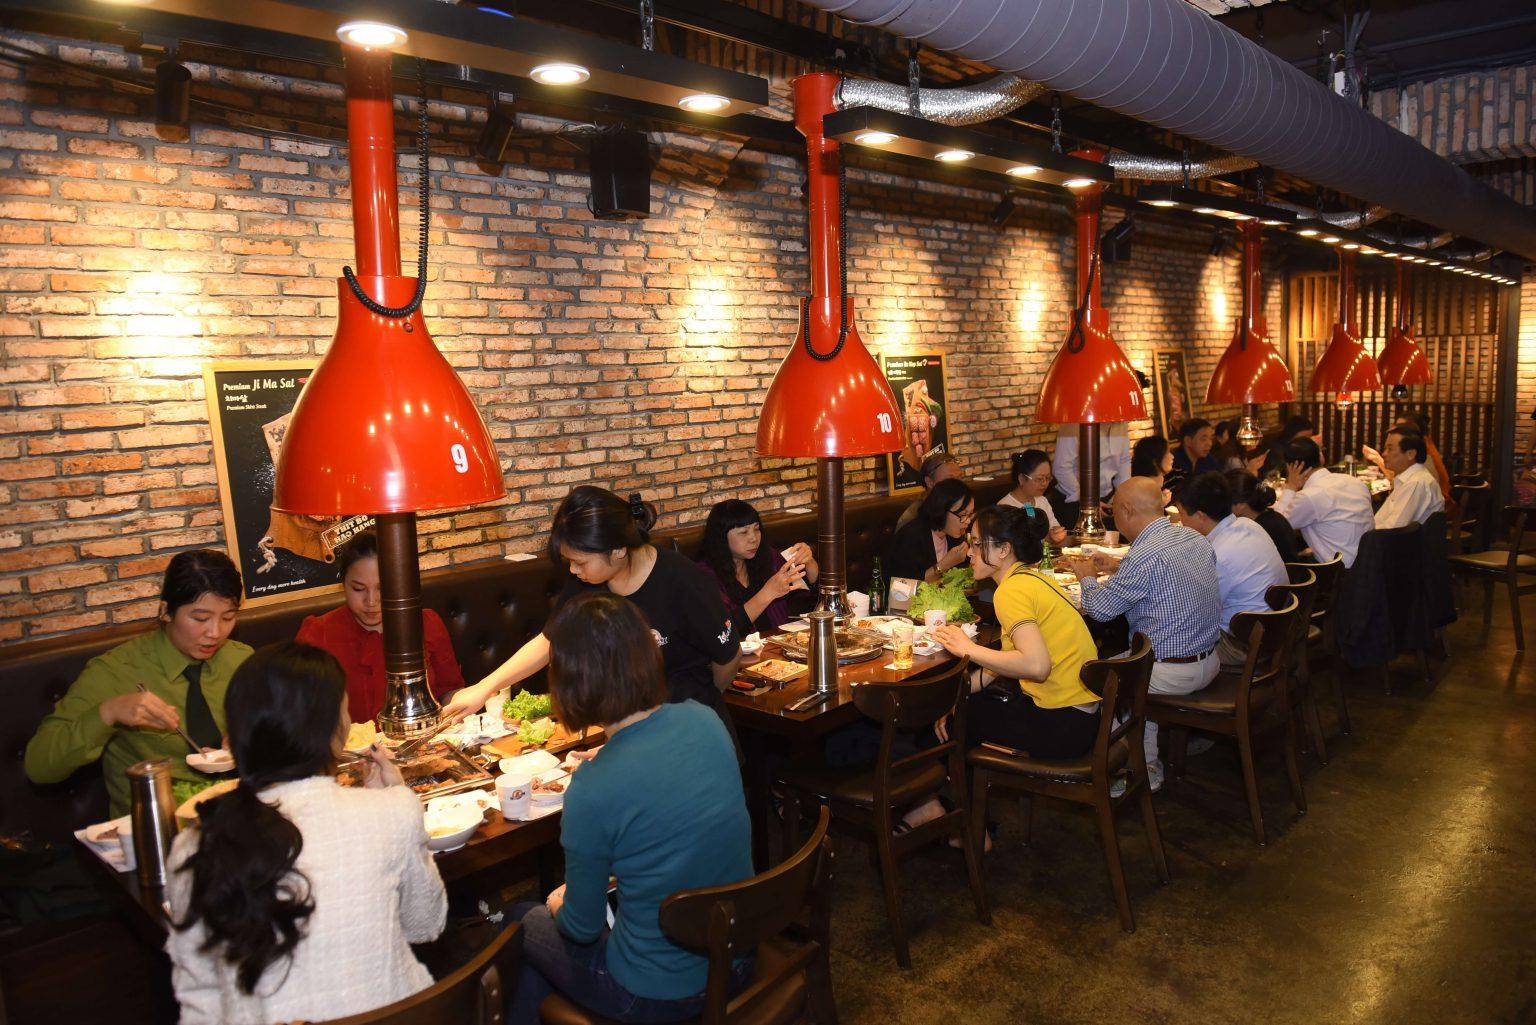 khong gian meat plus giang vo 2